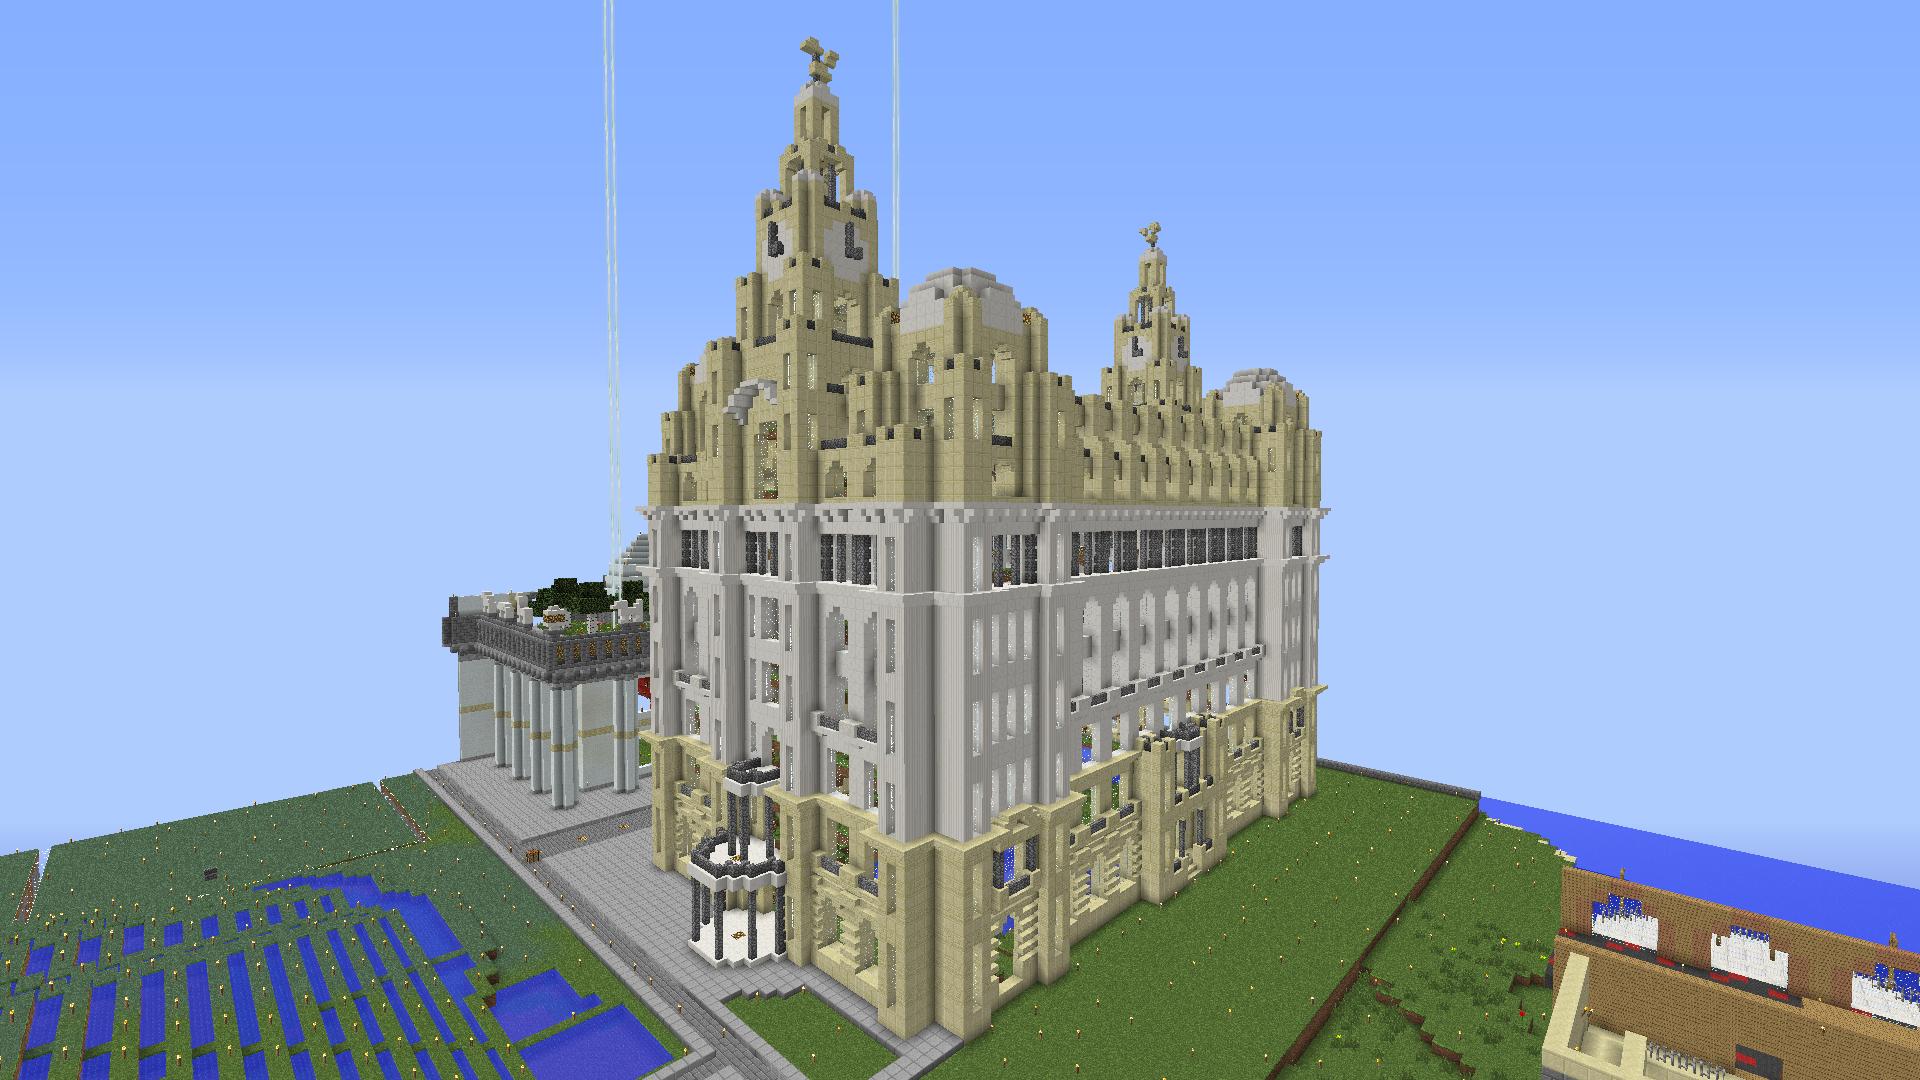 Le Royal Liver Building